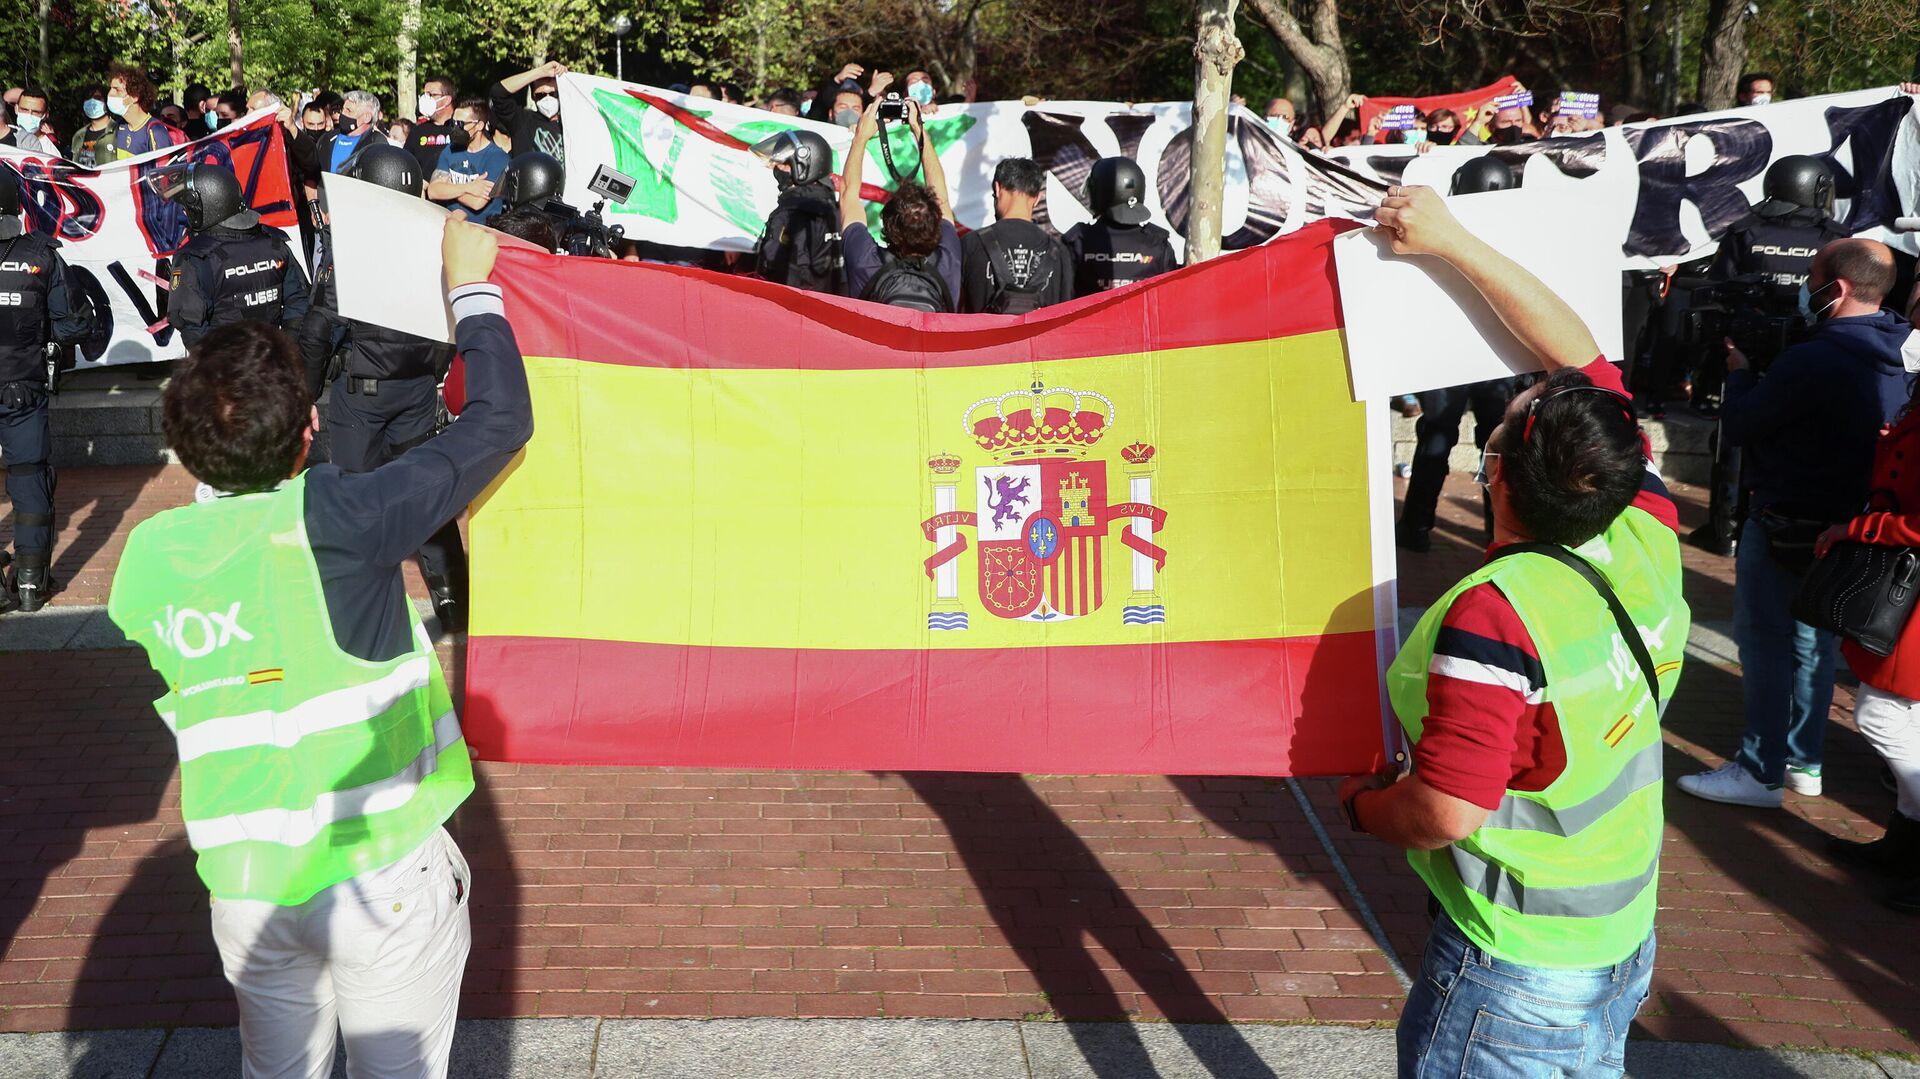 Partidarios del partido VOX en Madrid, España - Sputnik Mundo, 1920, 08.04.2021